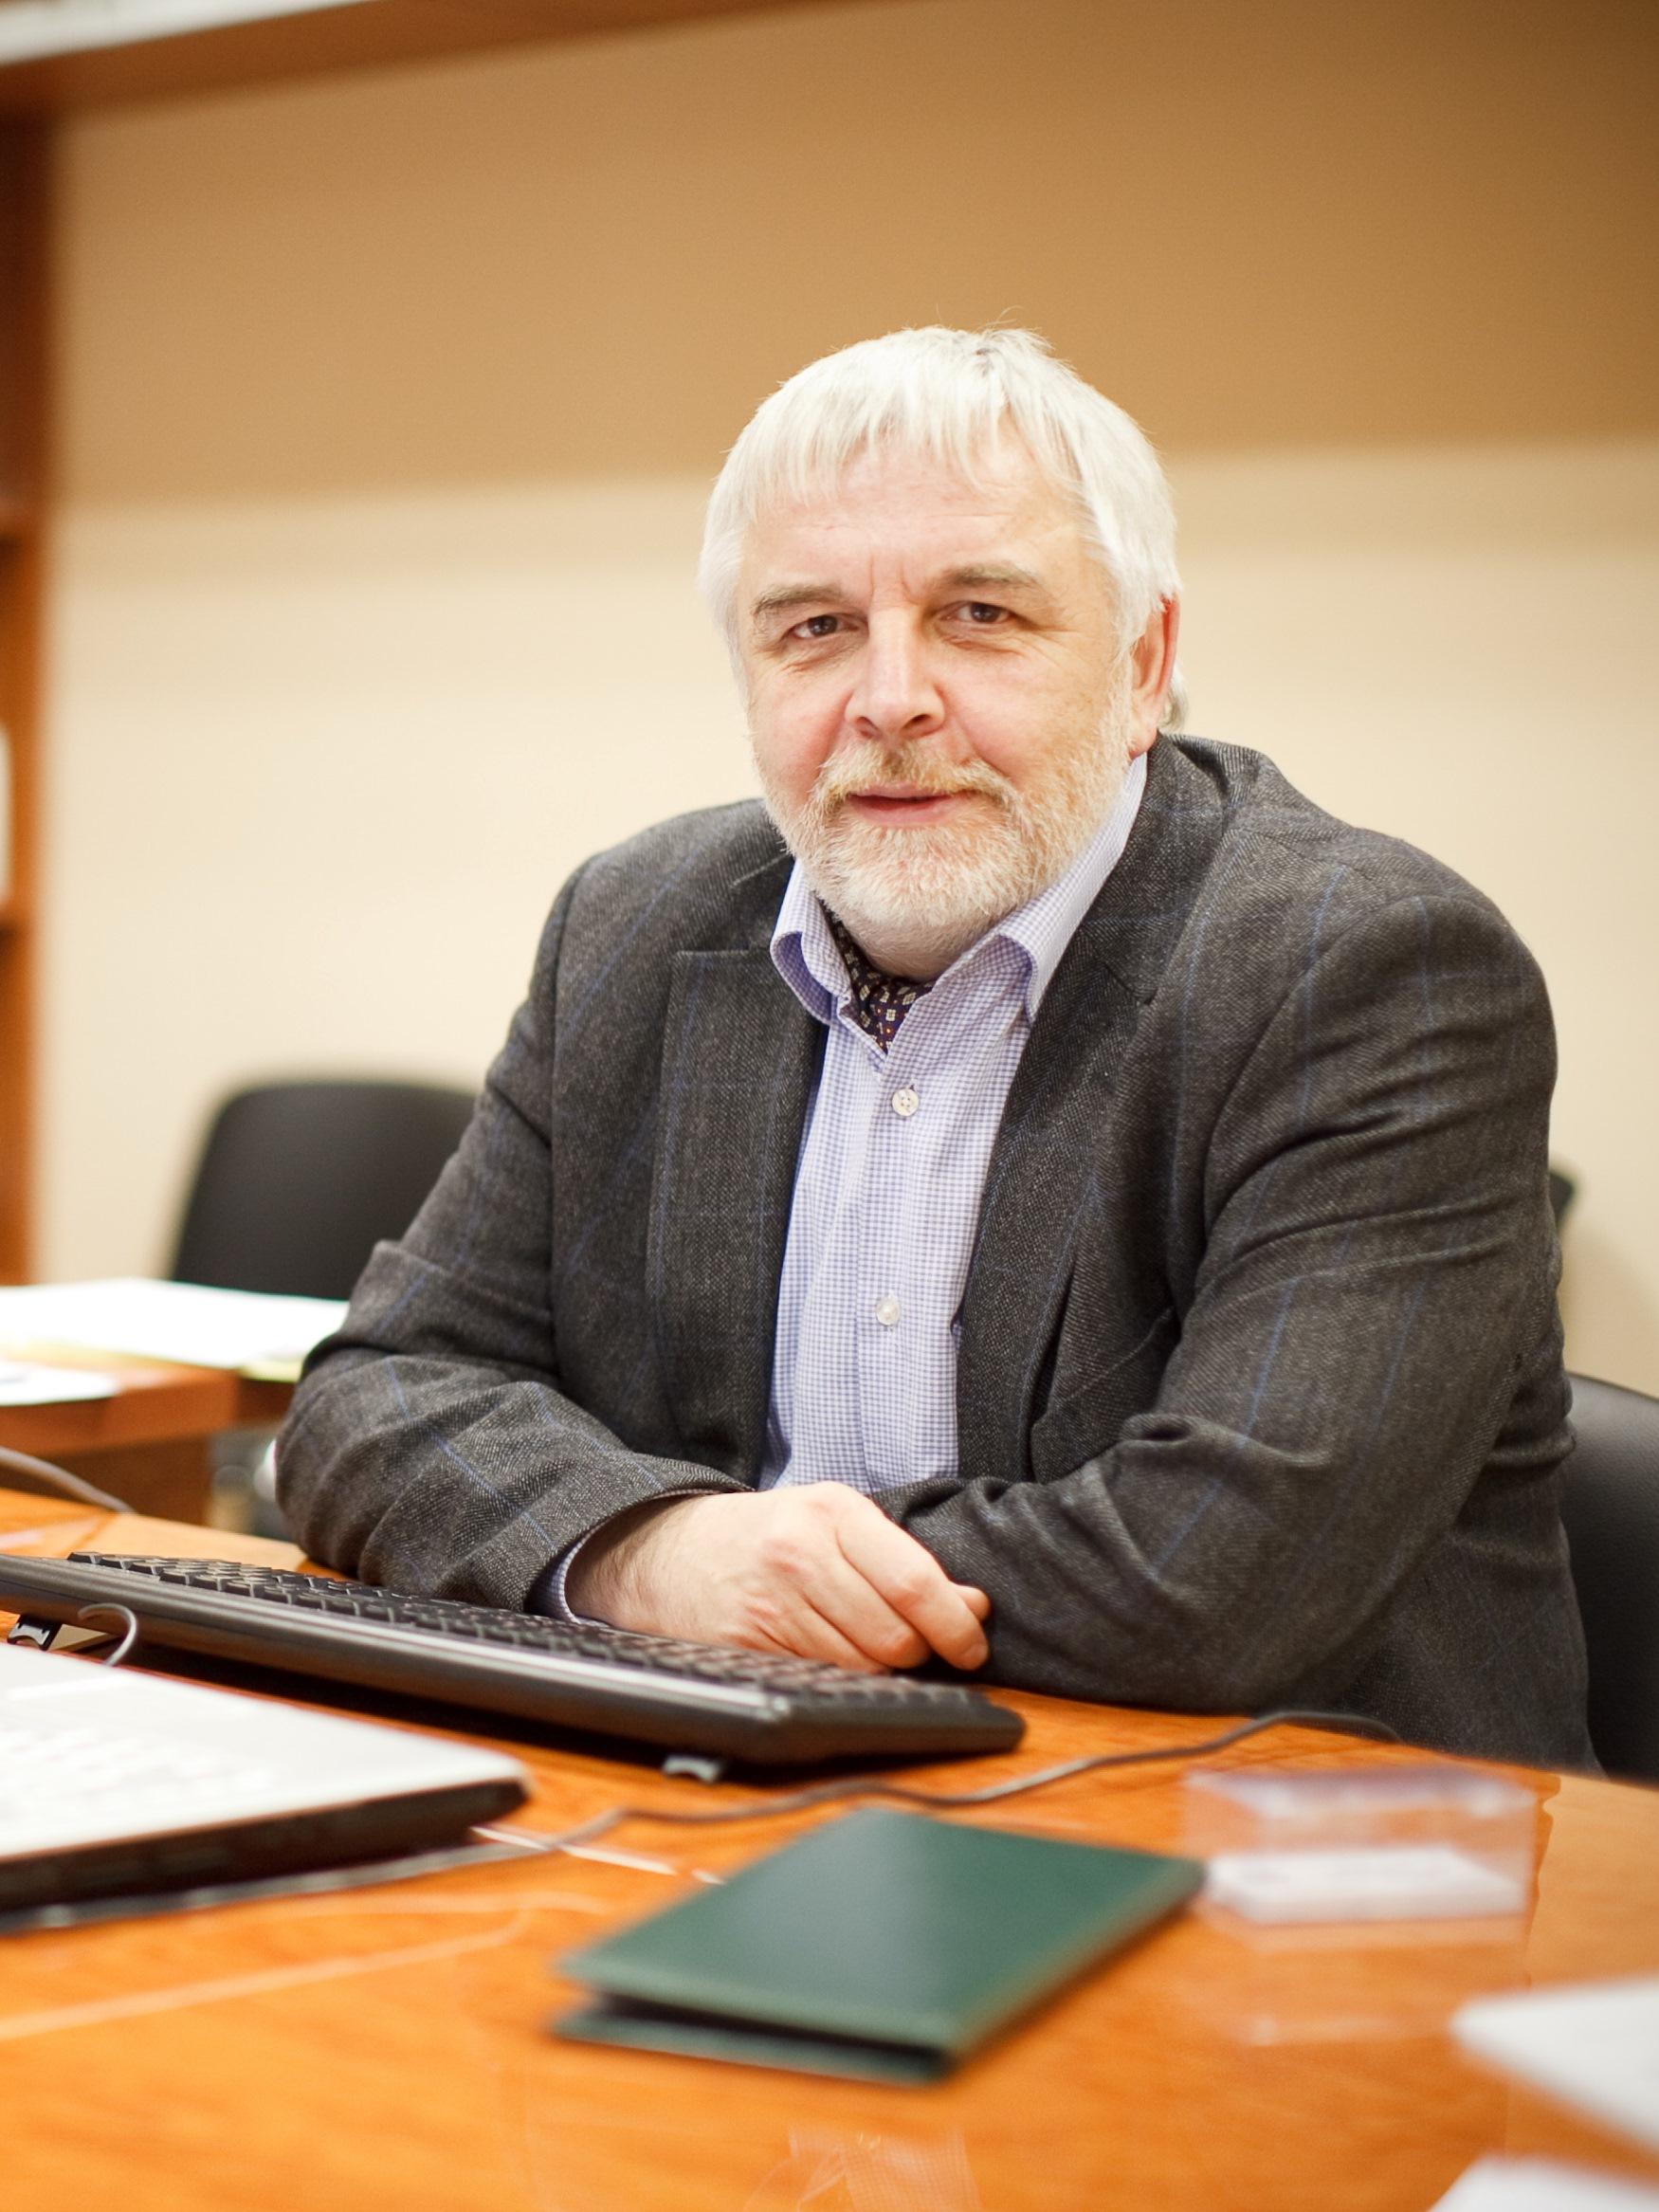 Сидоренко Сергей Владимирович кандидат медицинских наук